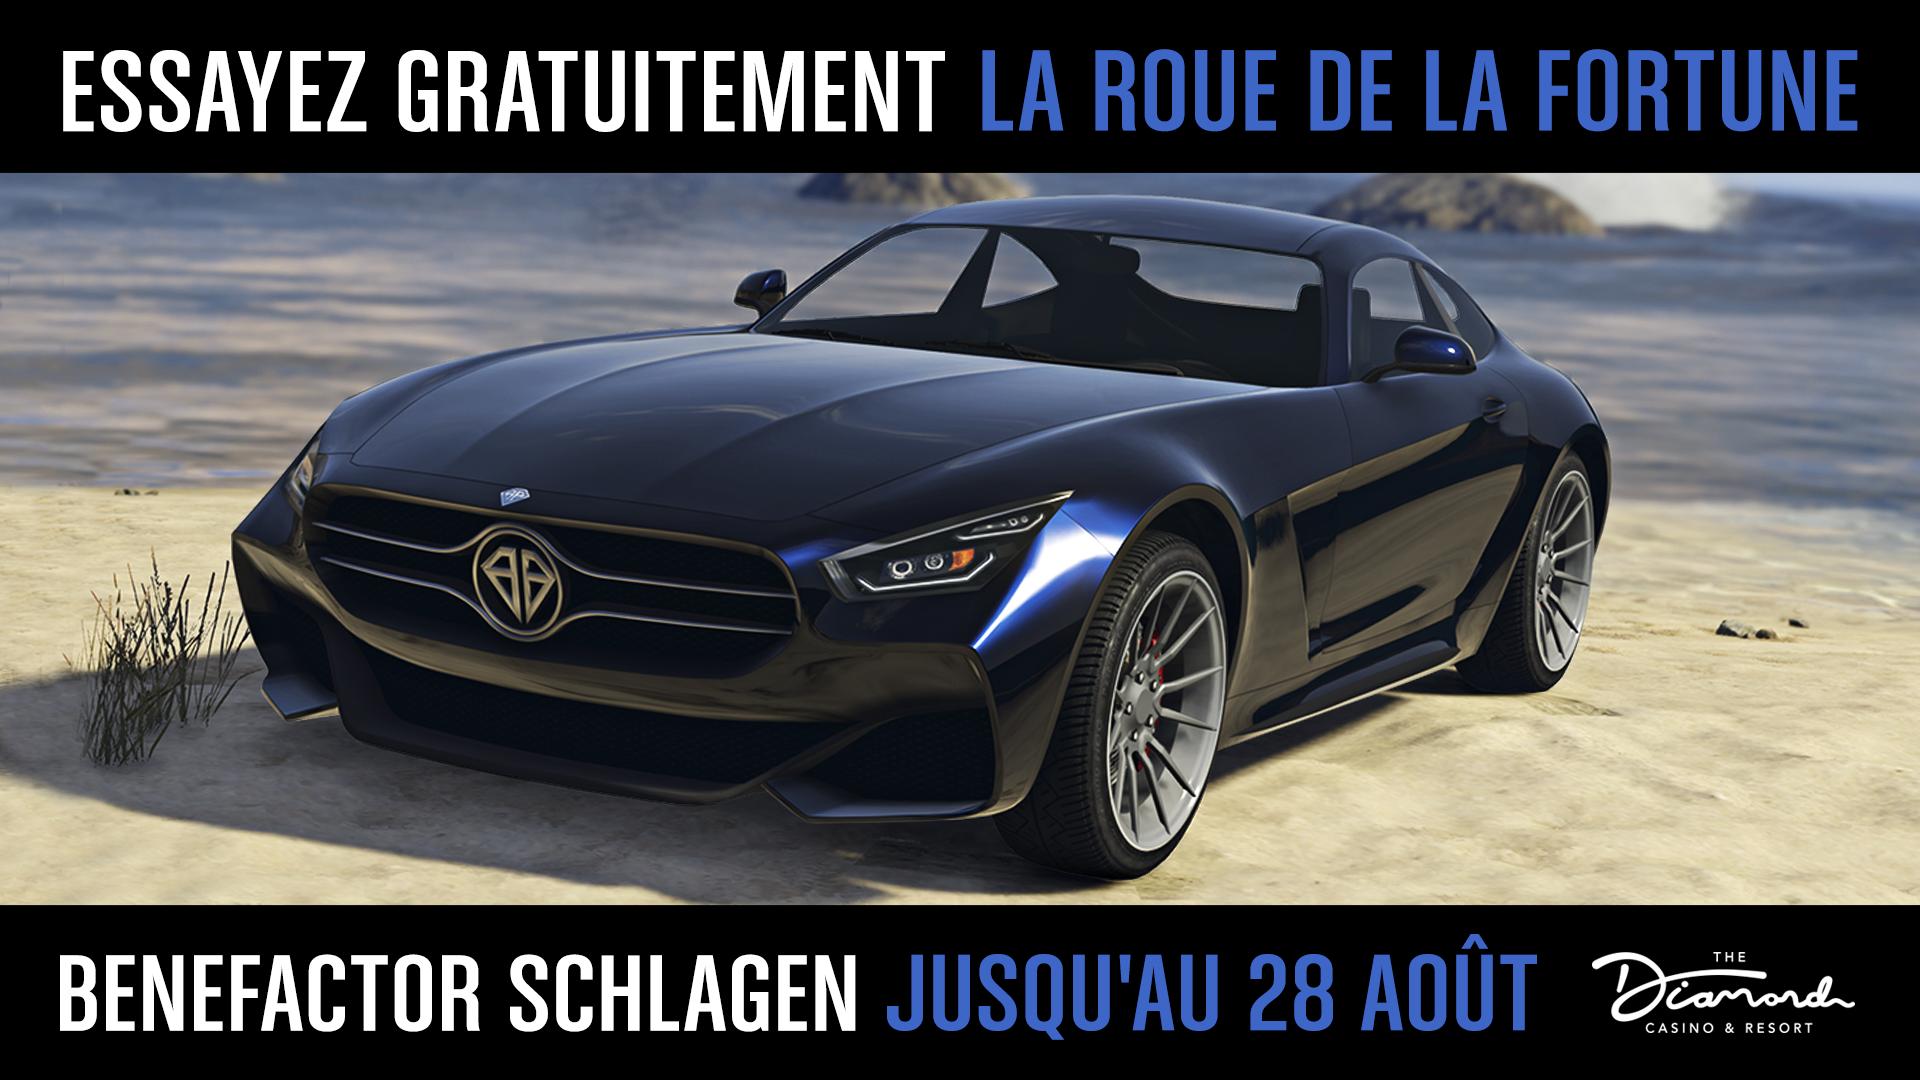 La Benefactor Schlagen est à gagner dans GTA Online